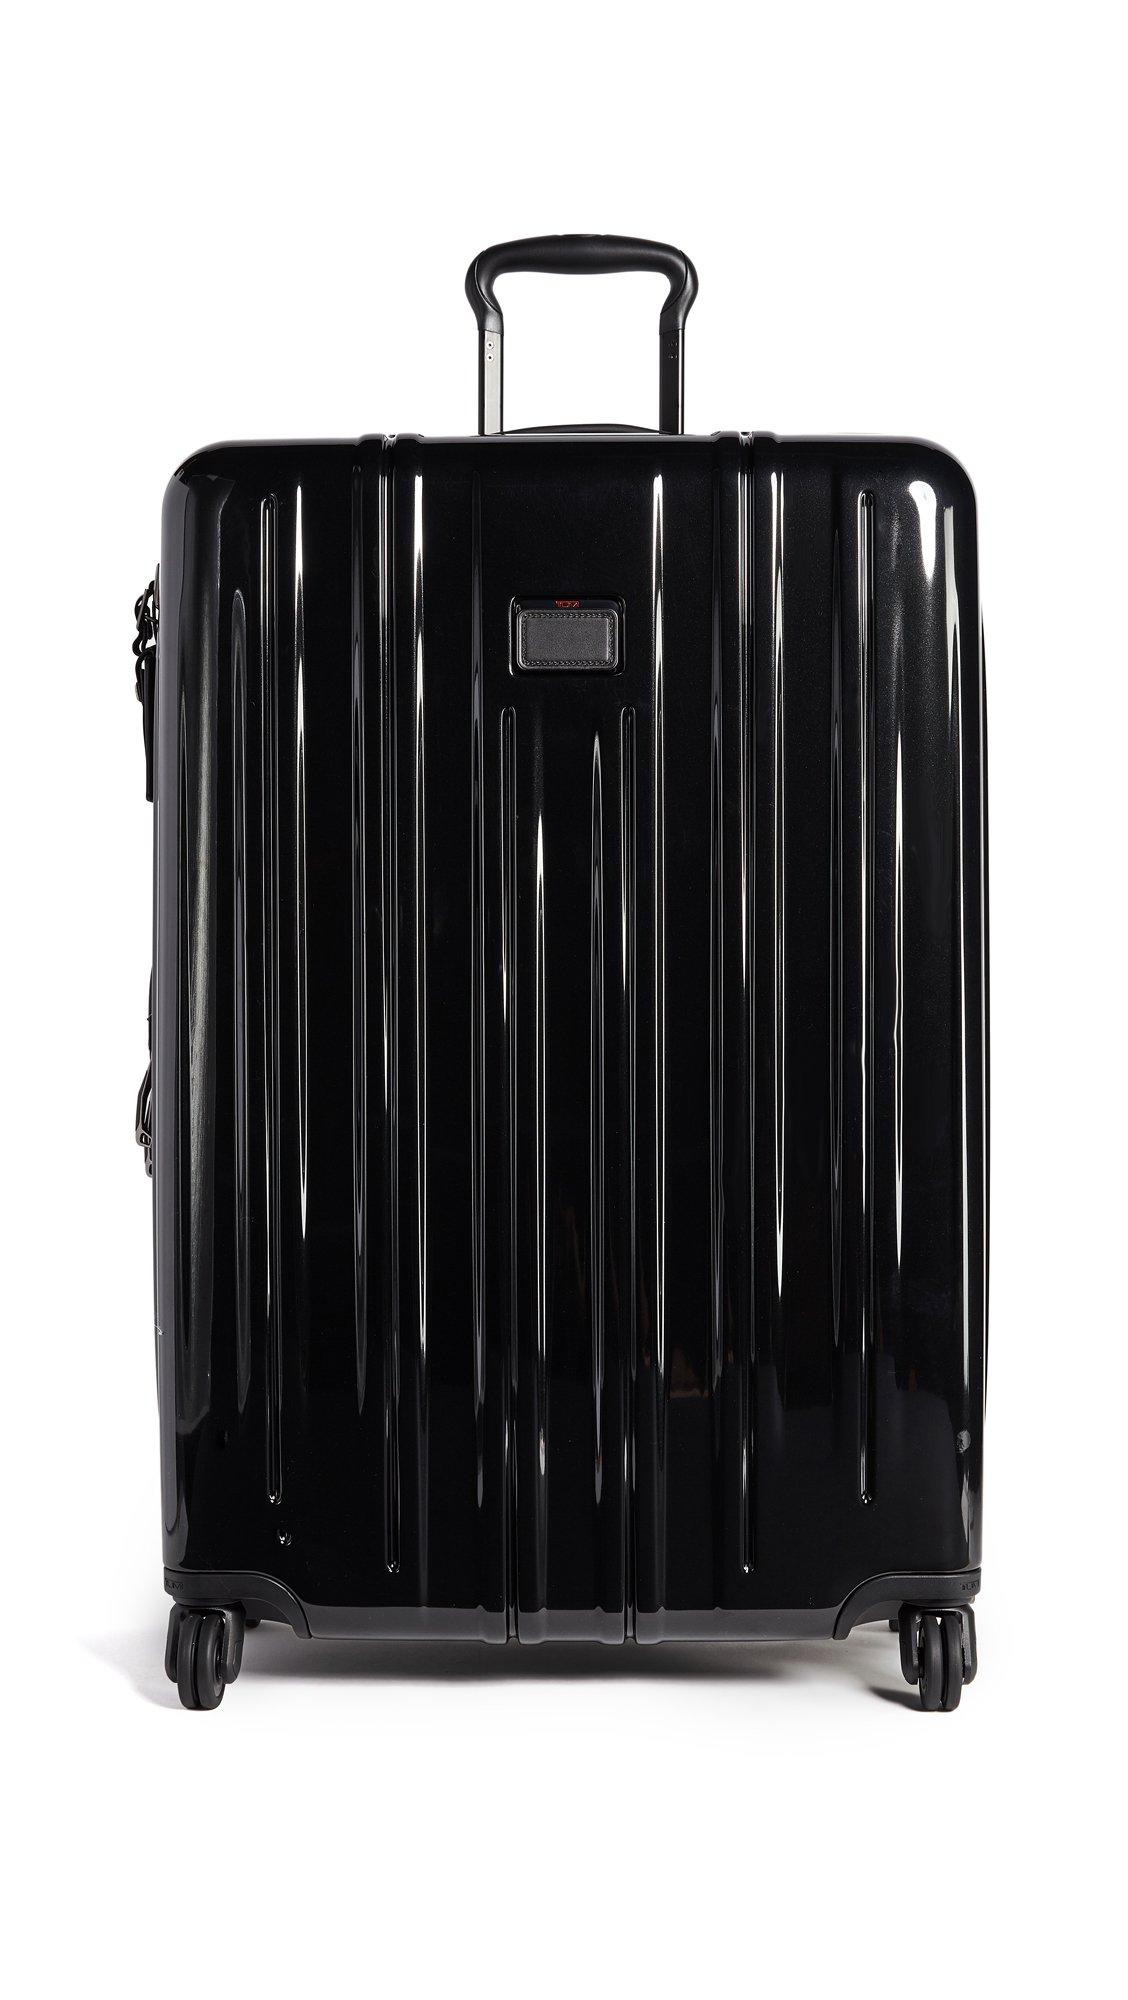 Tumi V3 Extended Trip Expandable Packing Case, Black